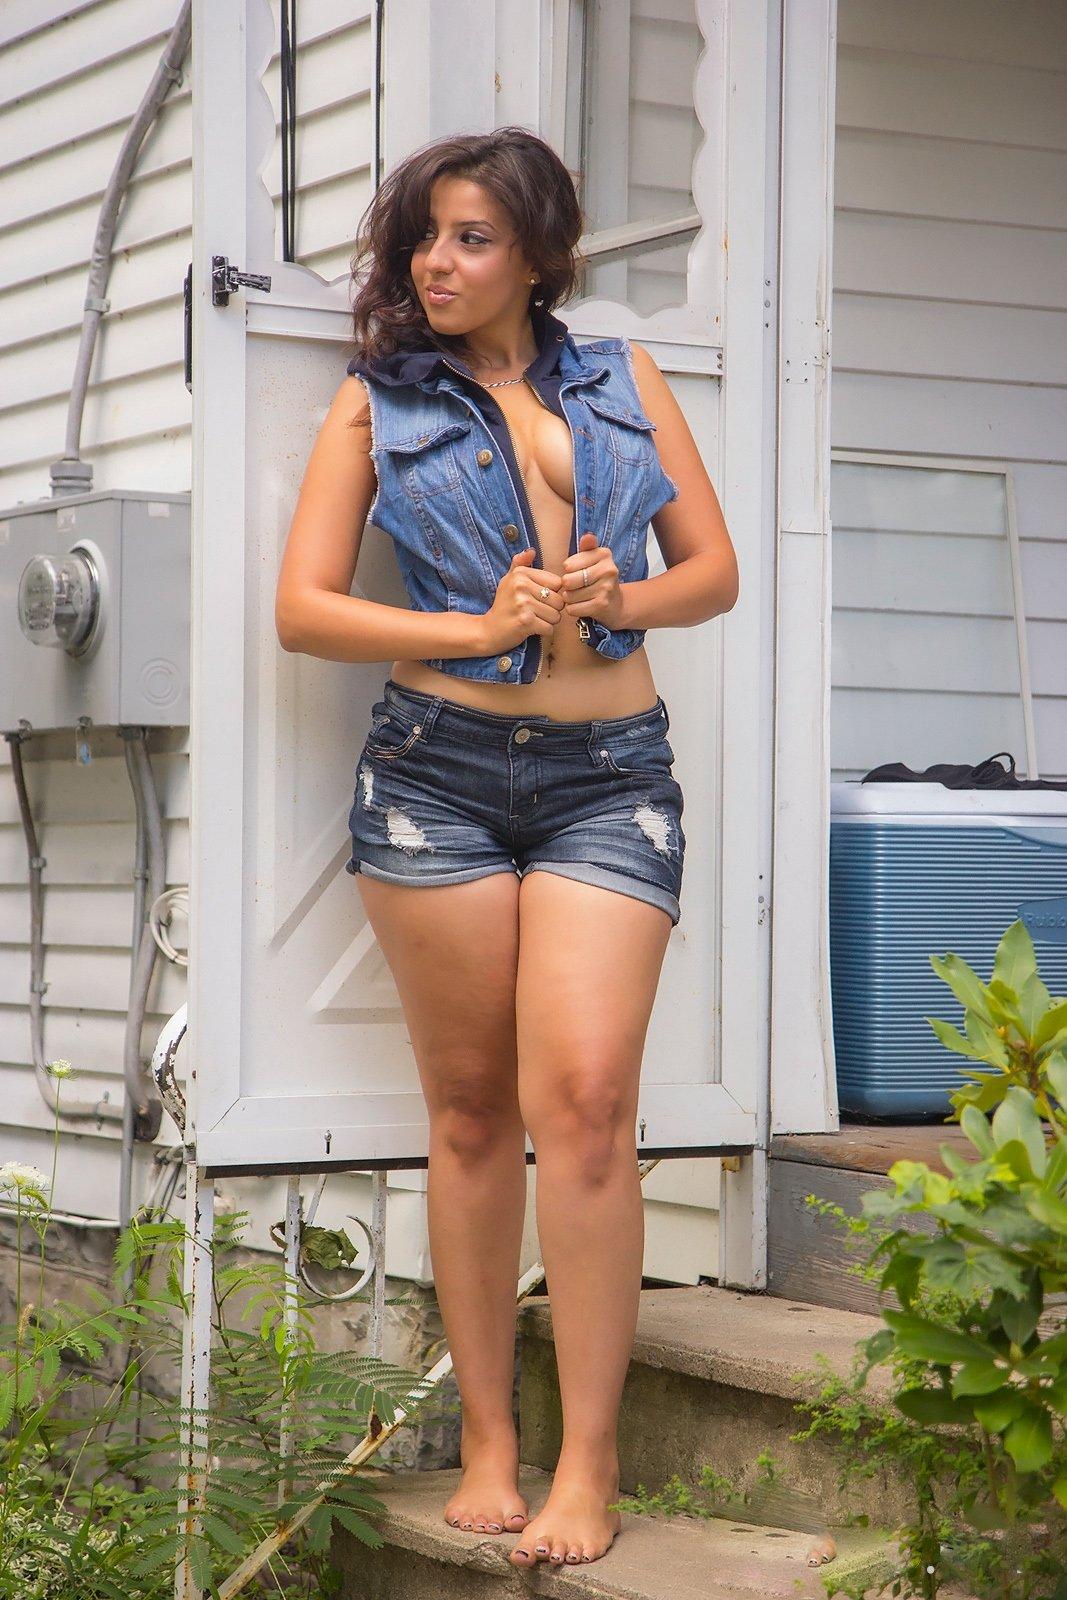 Abbee Kimberly Nude Photos 7